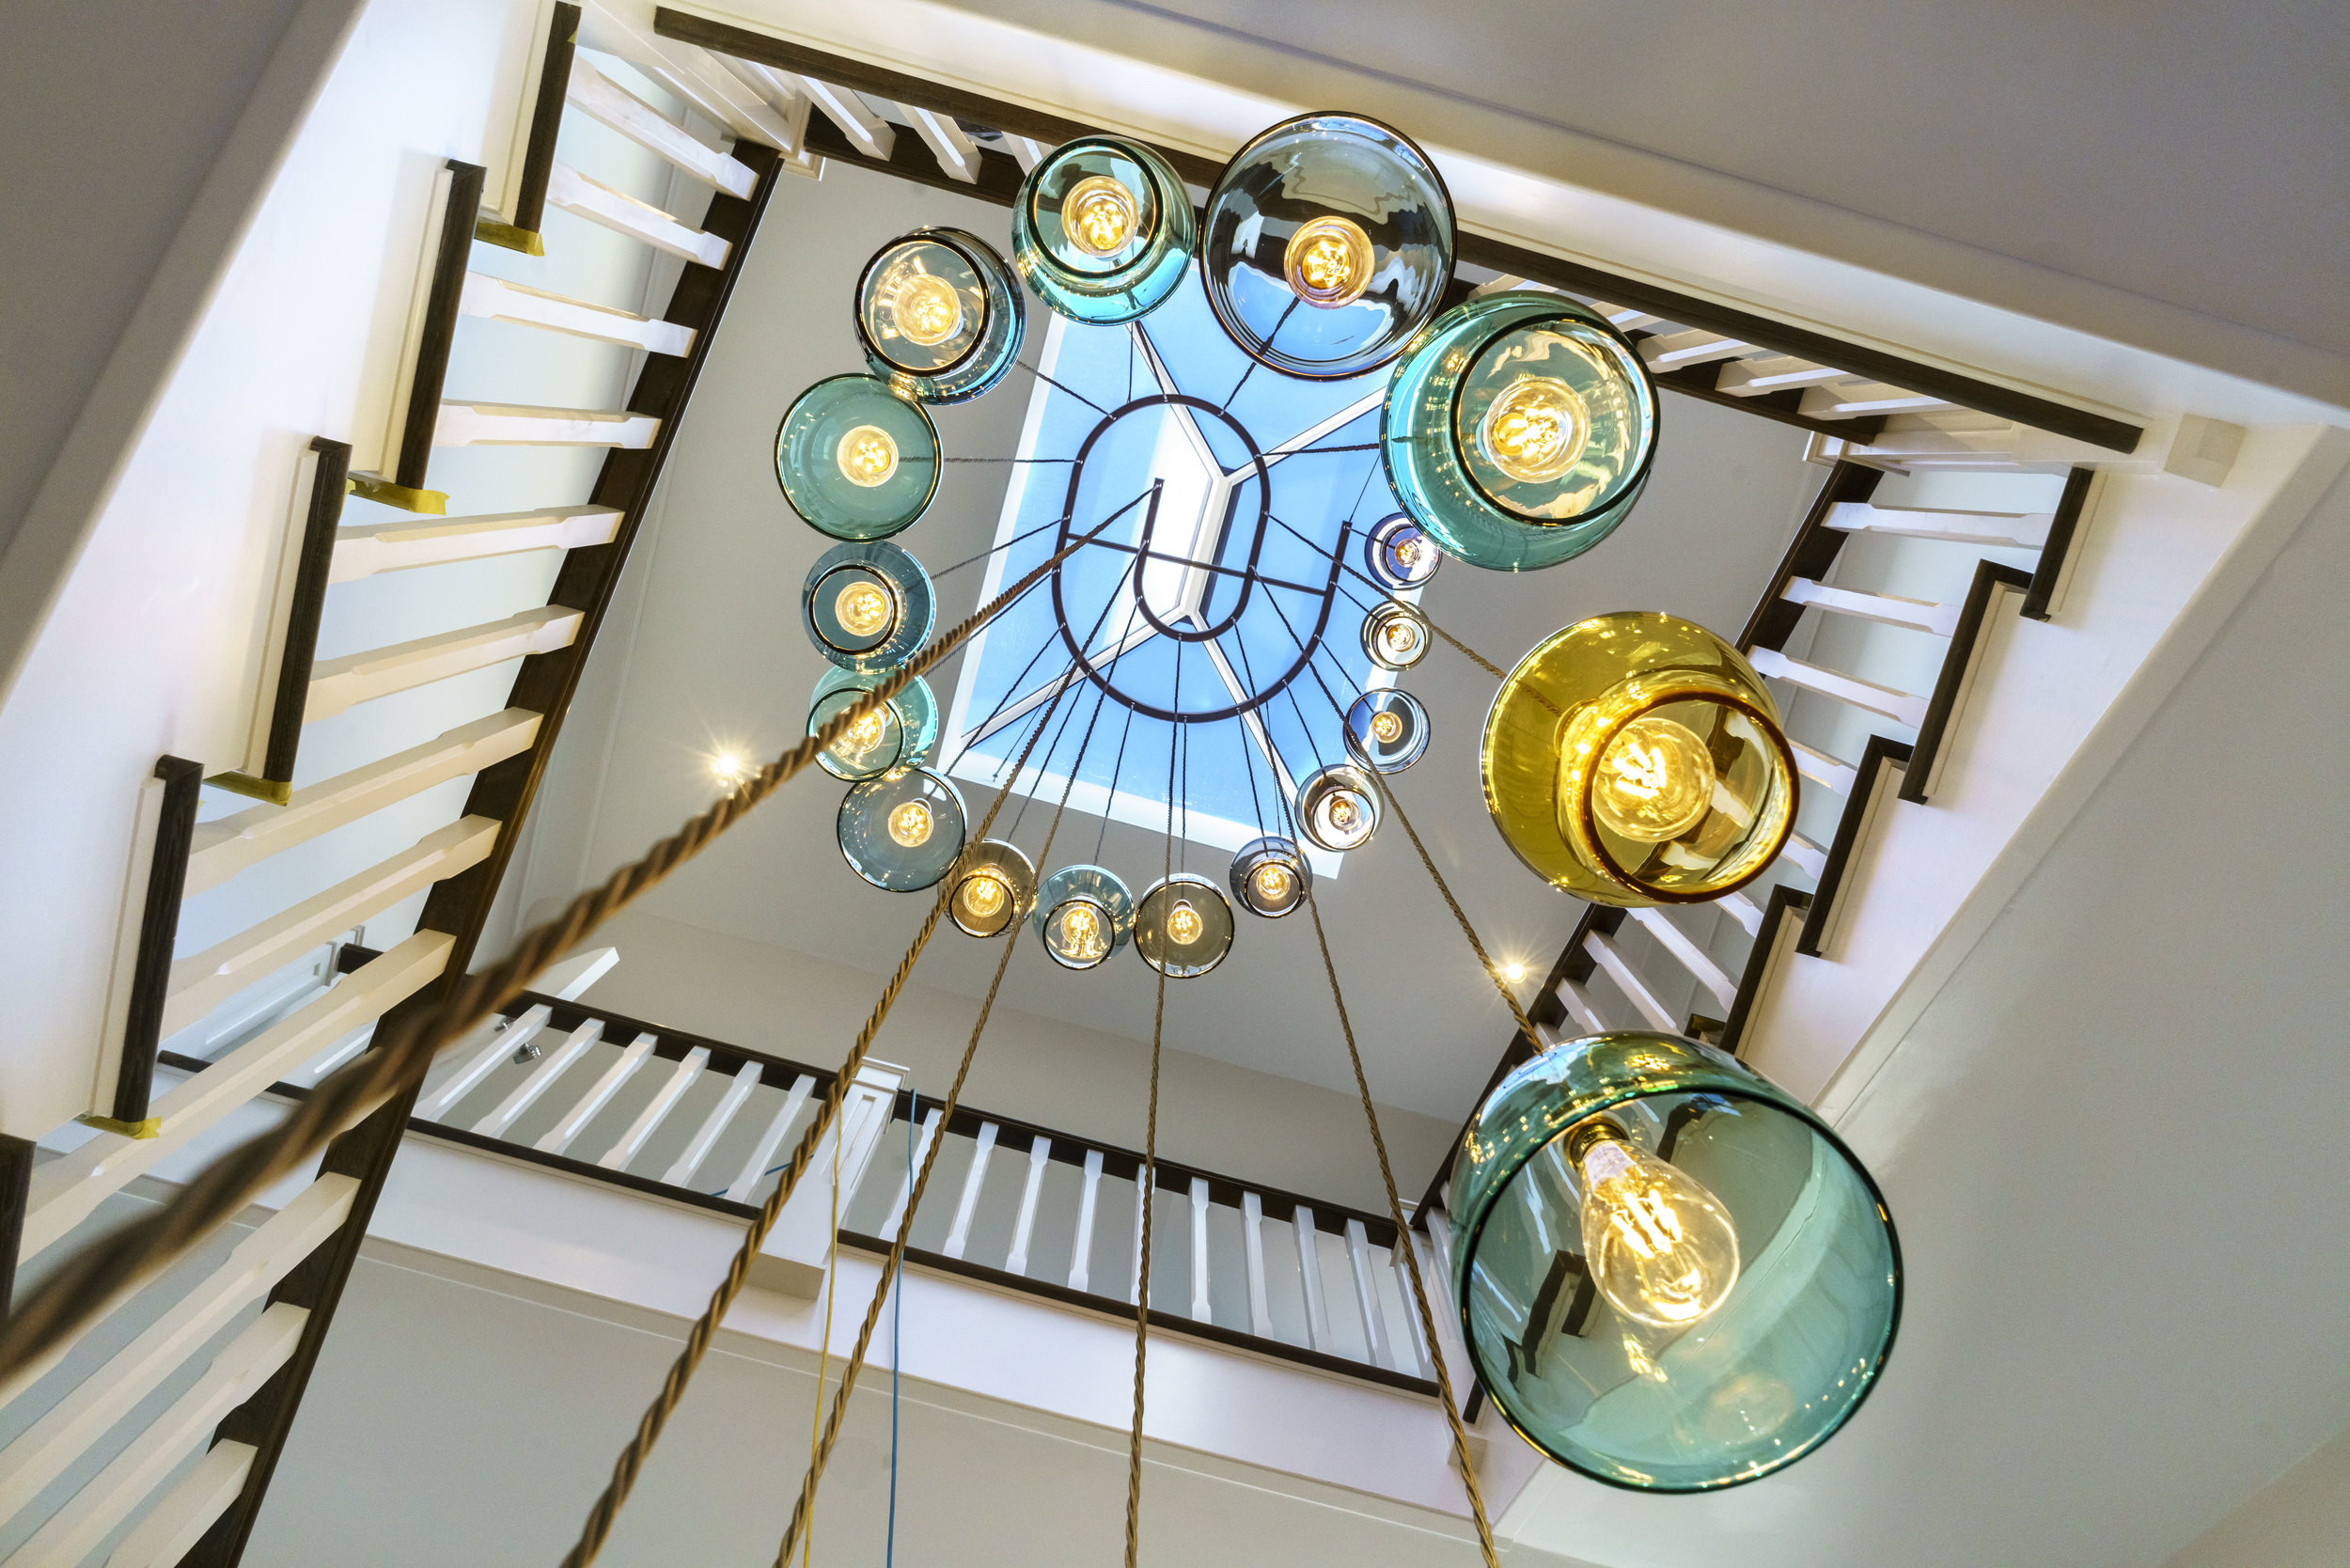 Stairwell Spiral Chandelier